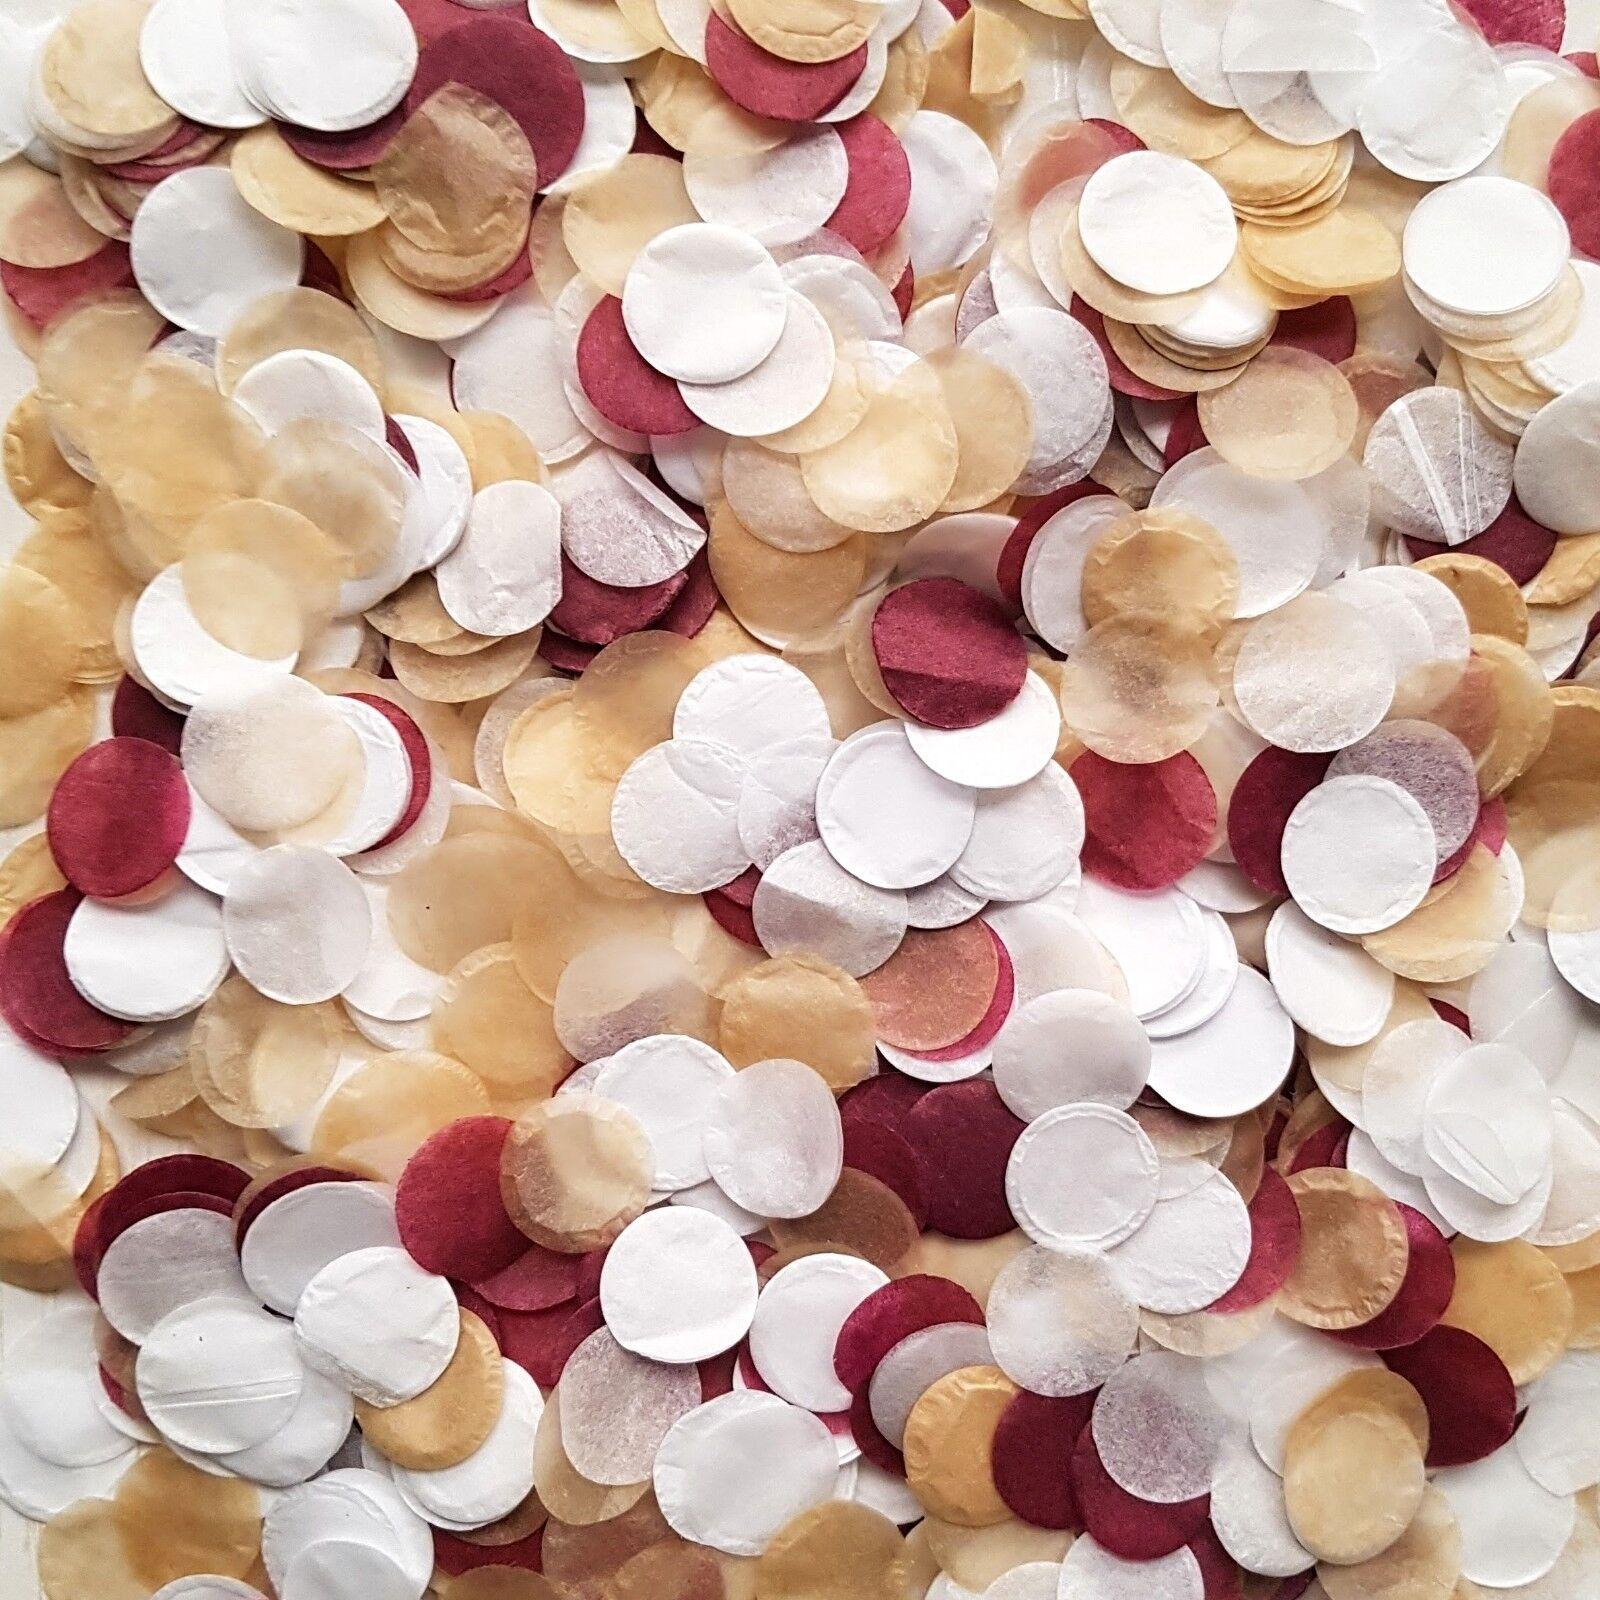 Bulk Biodegradable Wedding Confetti Champagne Gold, Burgundy Weiß Confetti